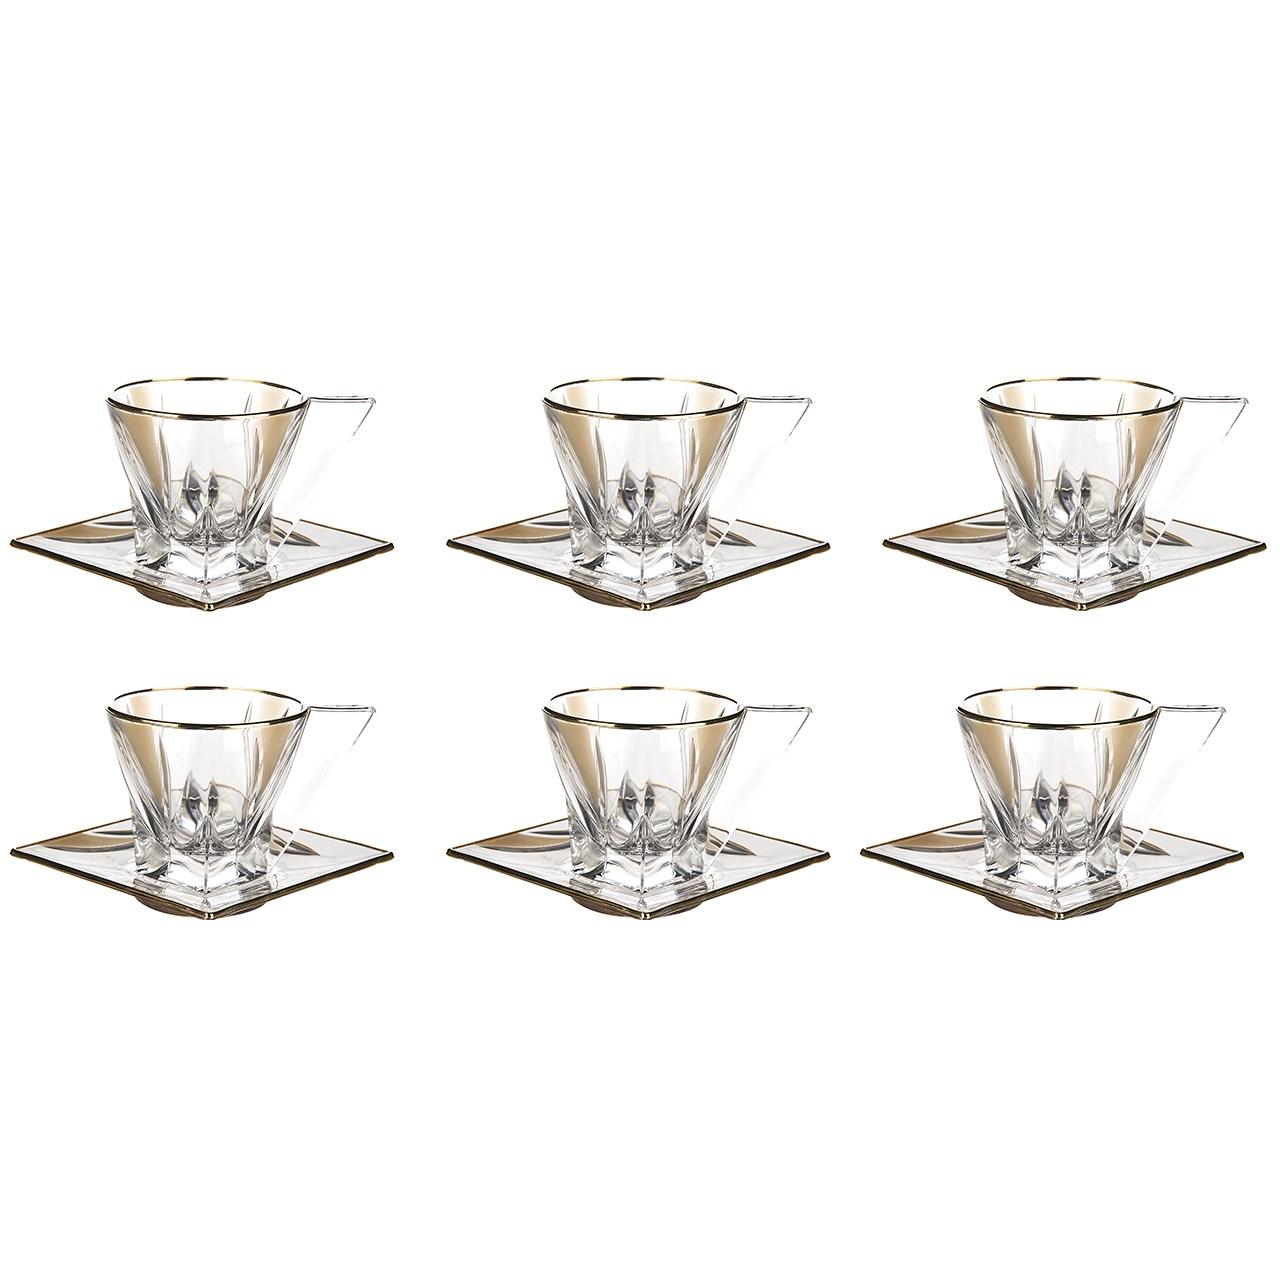 ست فنجان و نعلبکی آر سی آر مدل Fusion - بسته 6 عددی